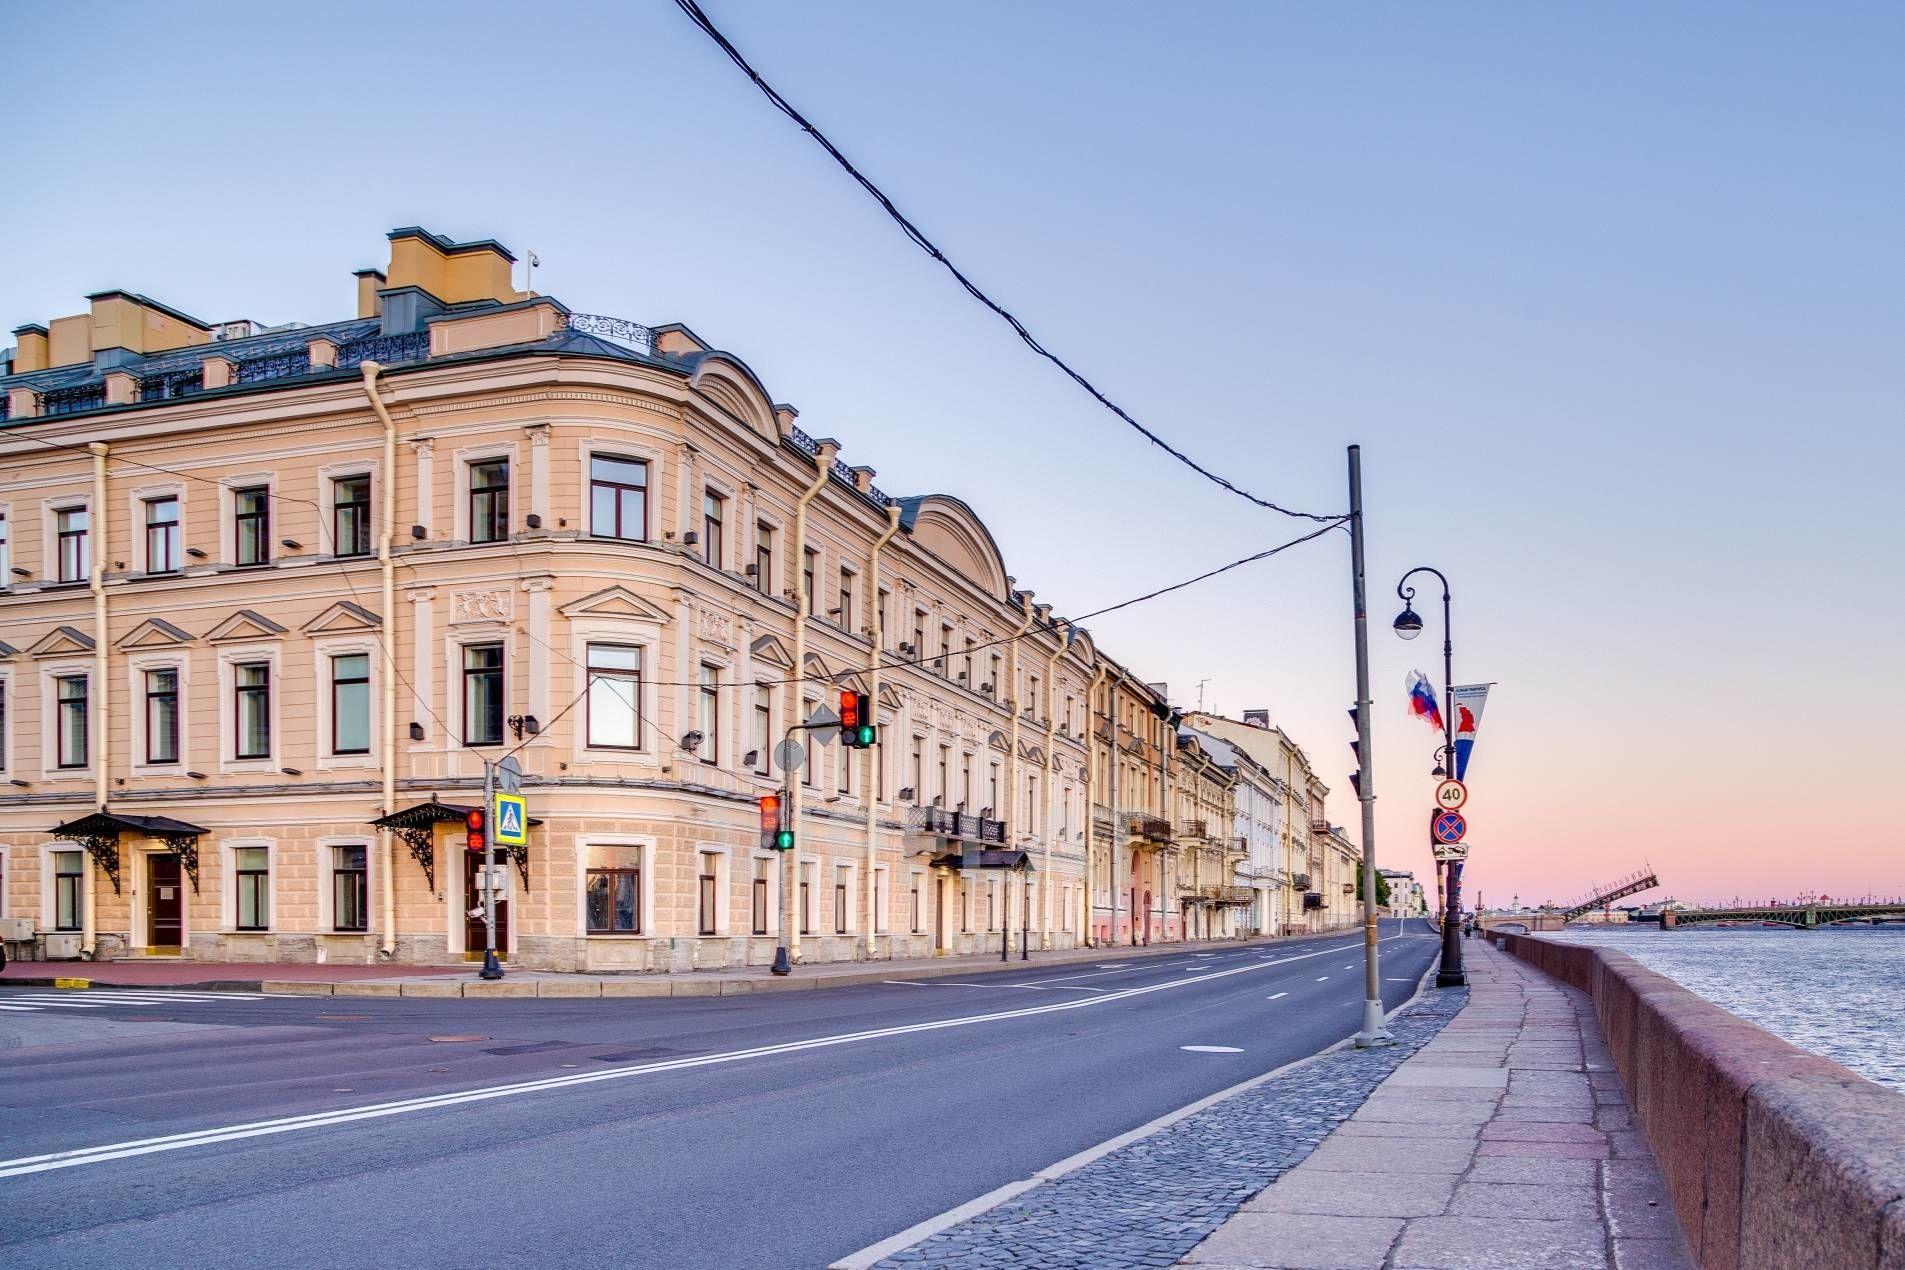 Продажа элитных квартир Санкт-Петербурга. Кутузова наб., 24 Старинный особняк на набережной